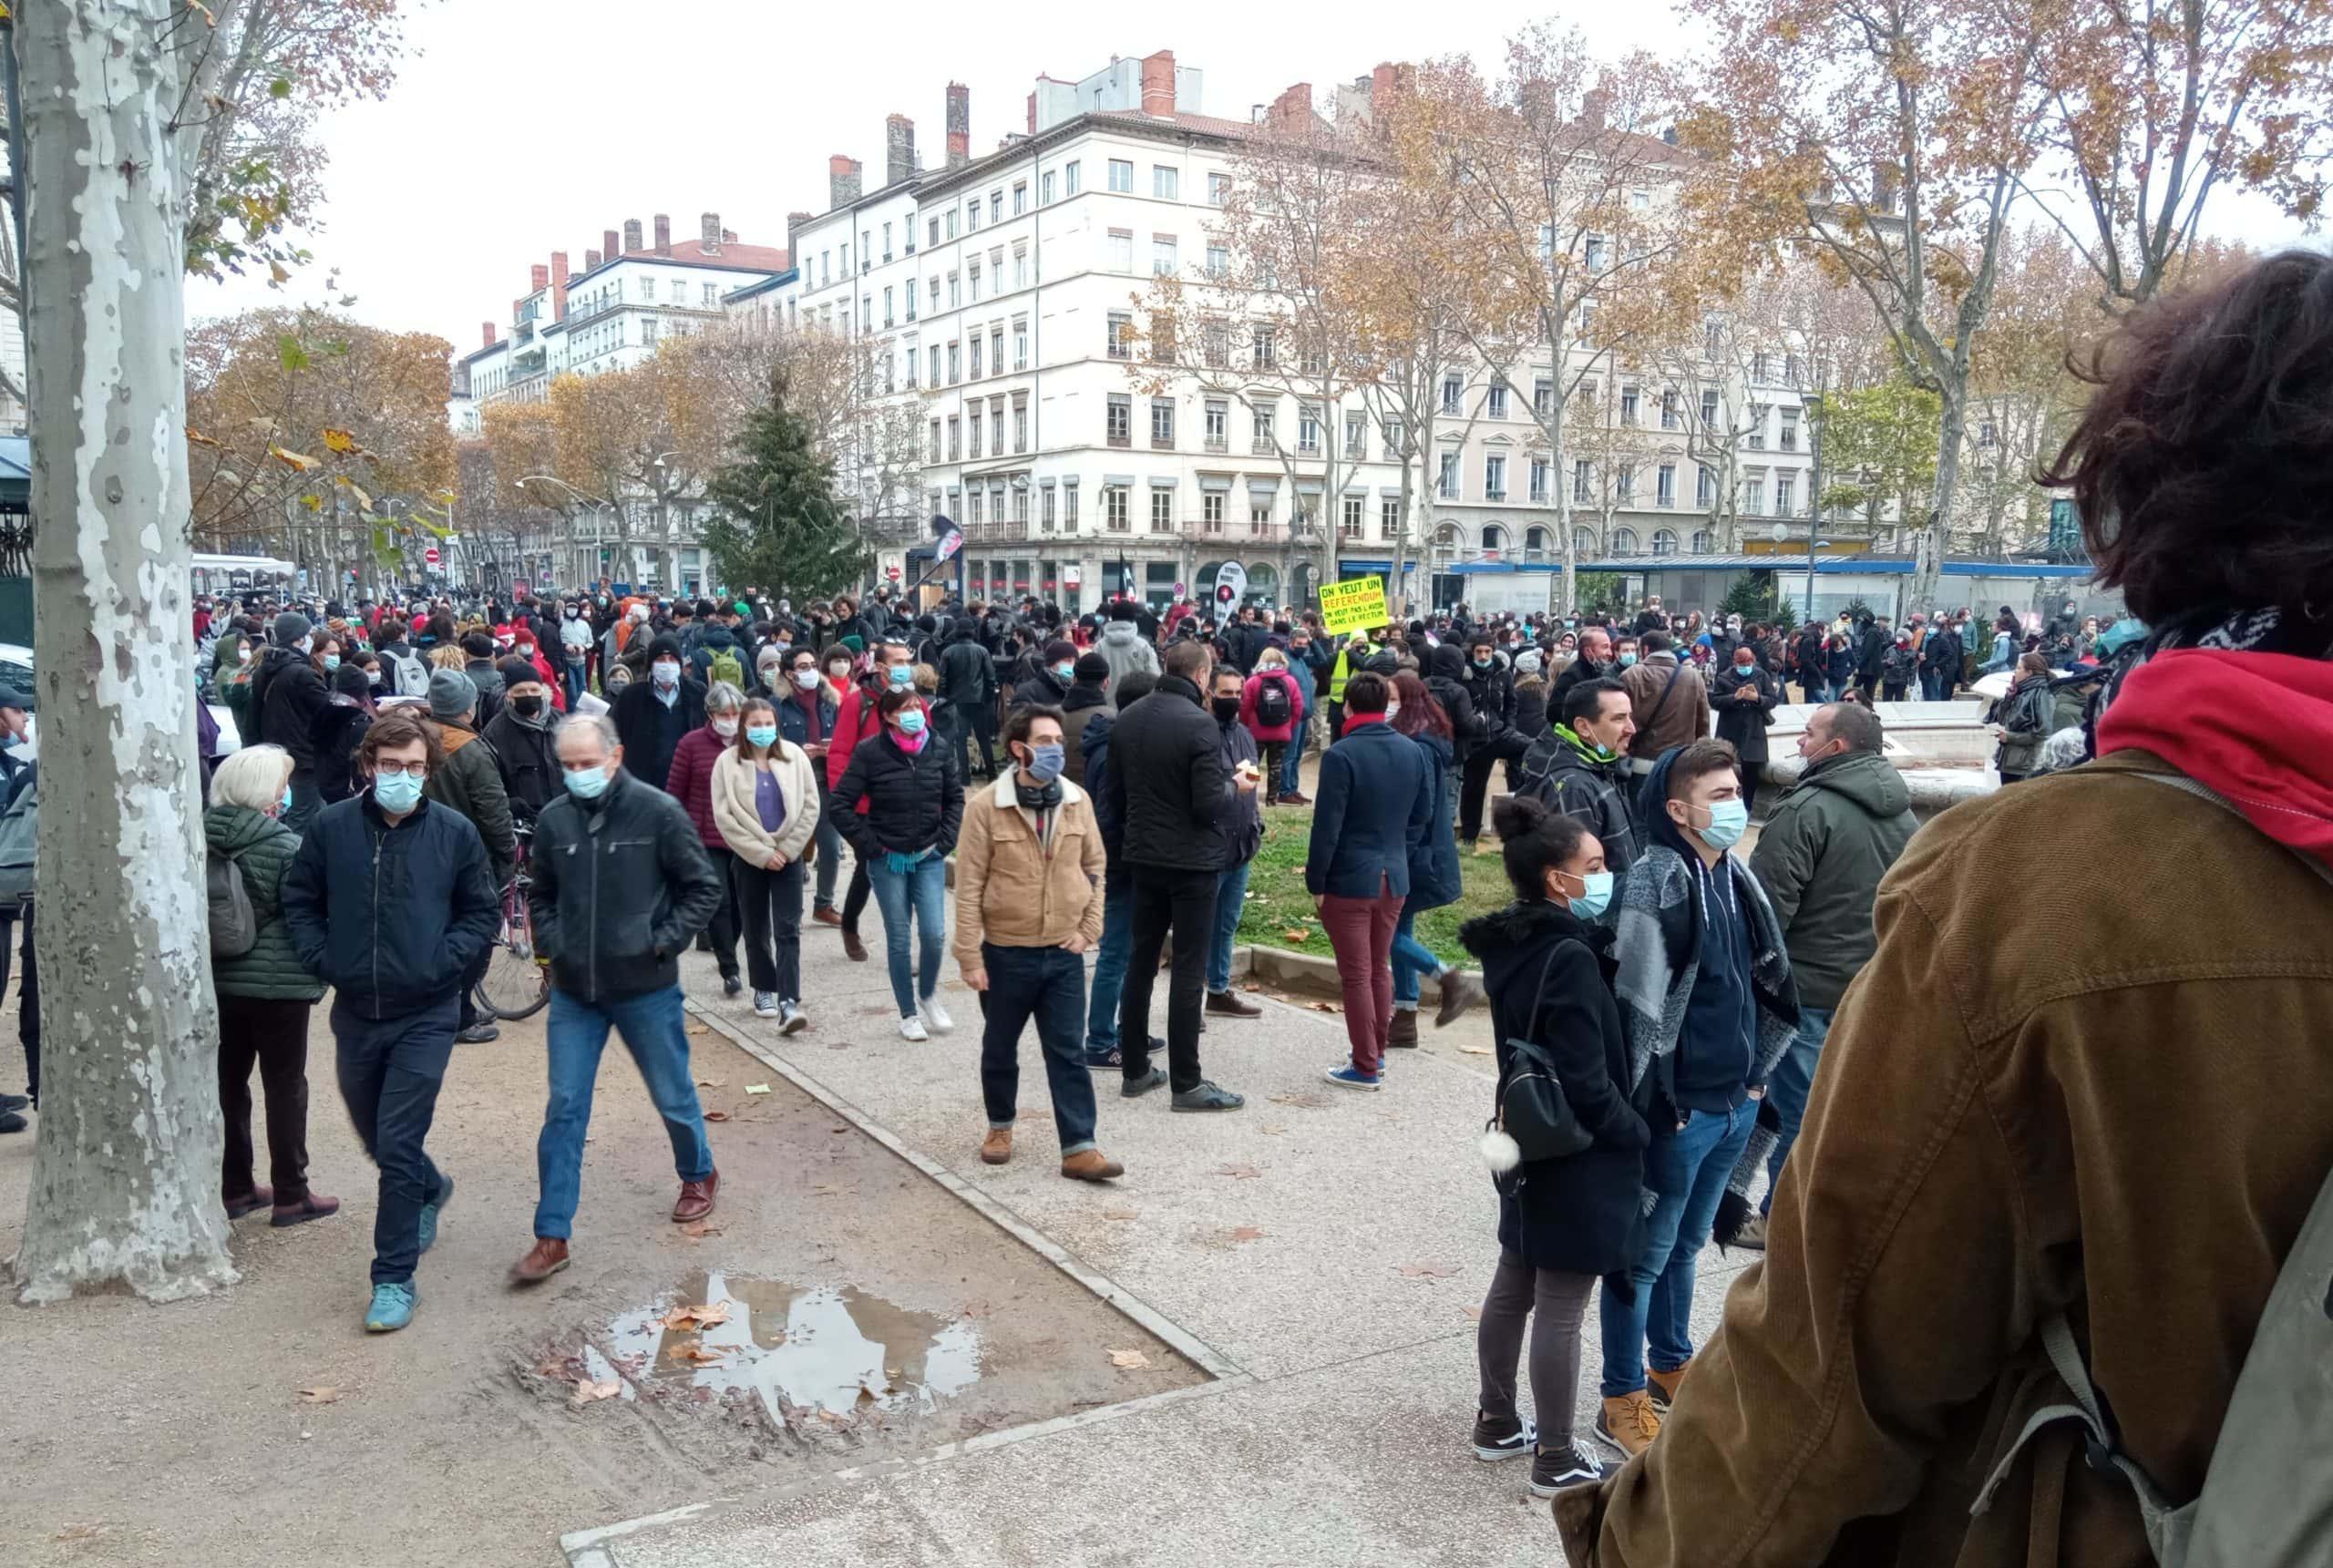 """Les manifestants rassemblés contre la loi """"sécurité globale"""" peu avant le départ du cortège le samedi 5 décembre. ©CR/Rue89Lyon"""